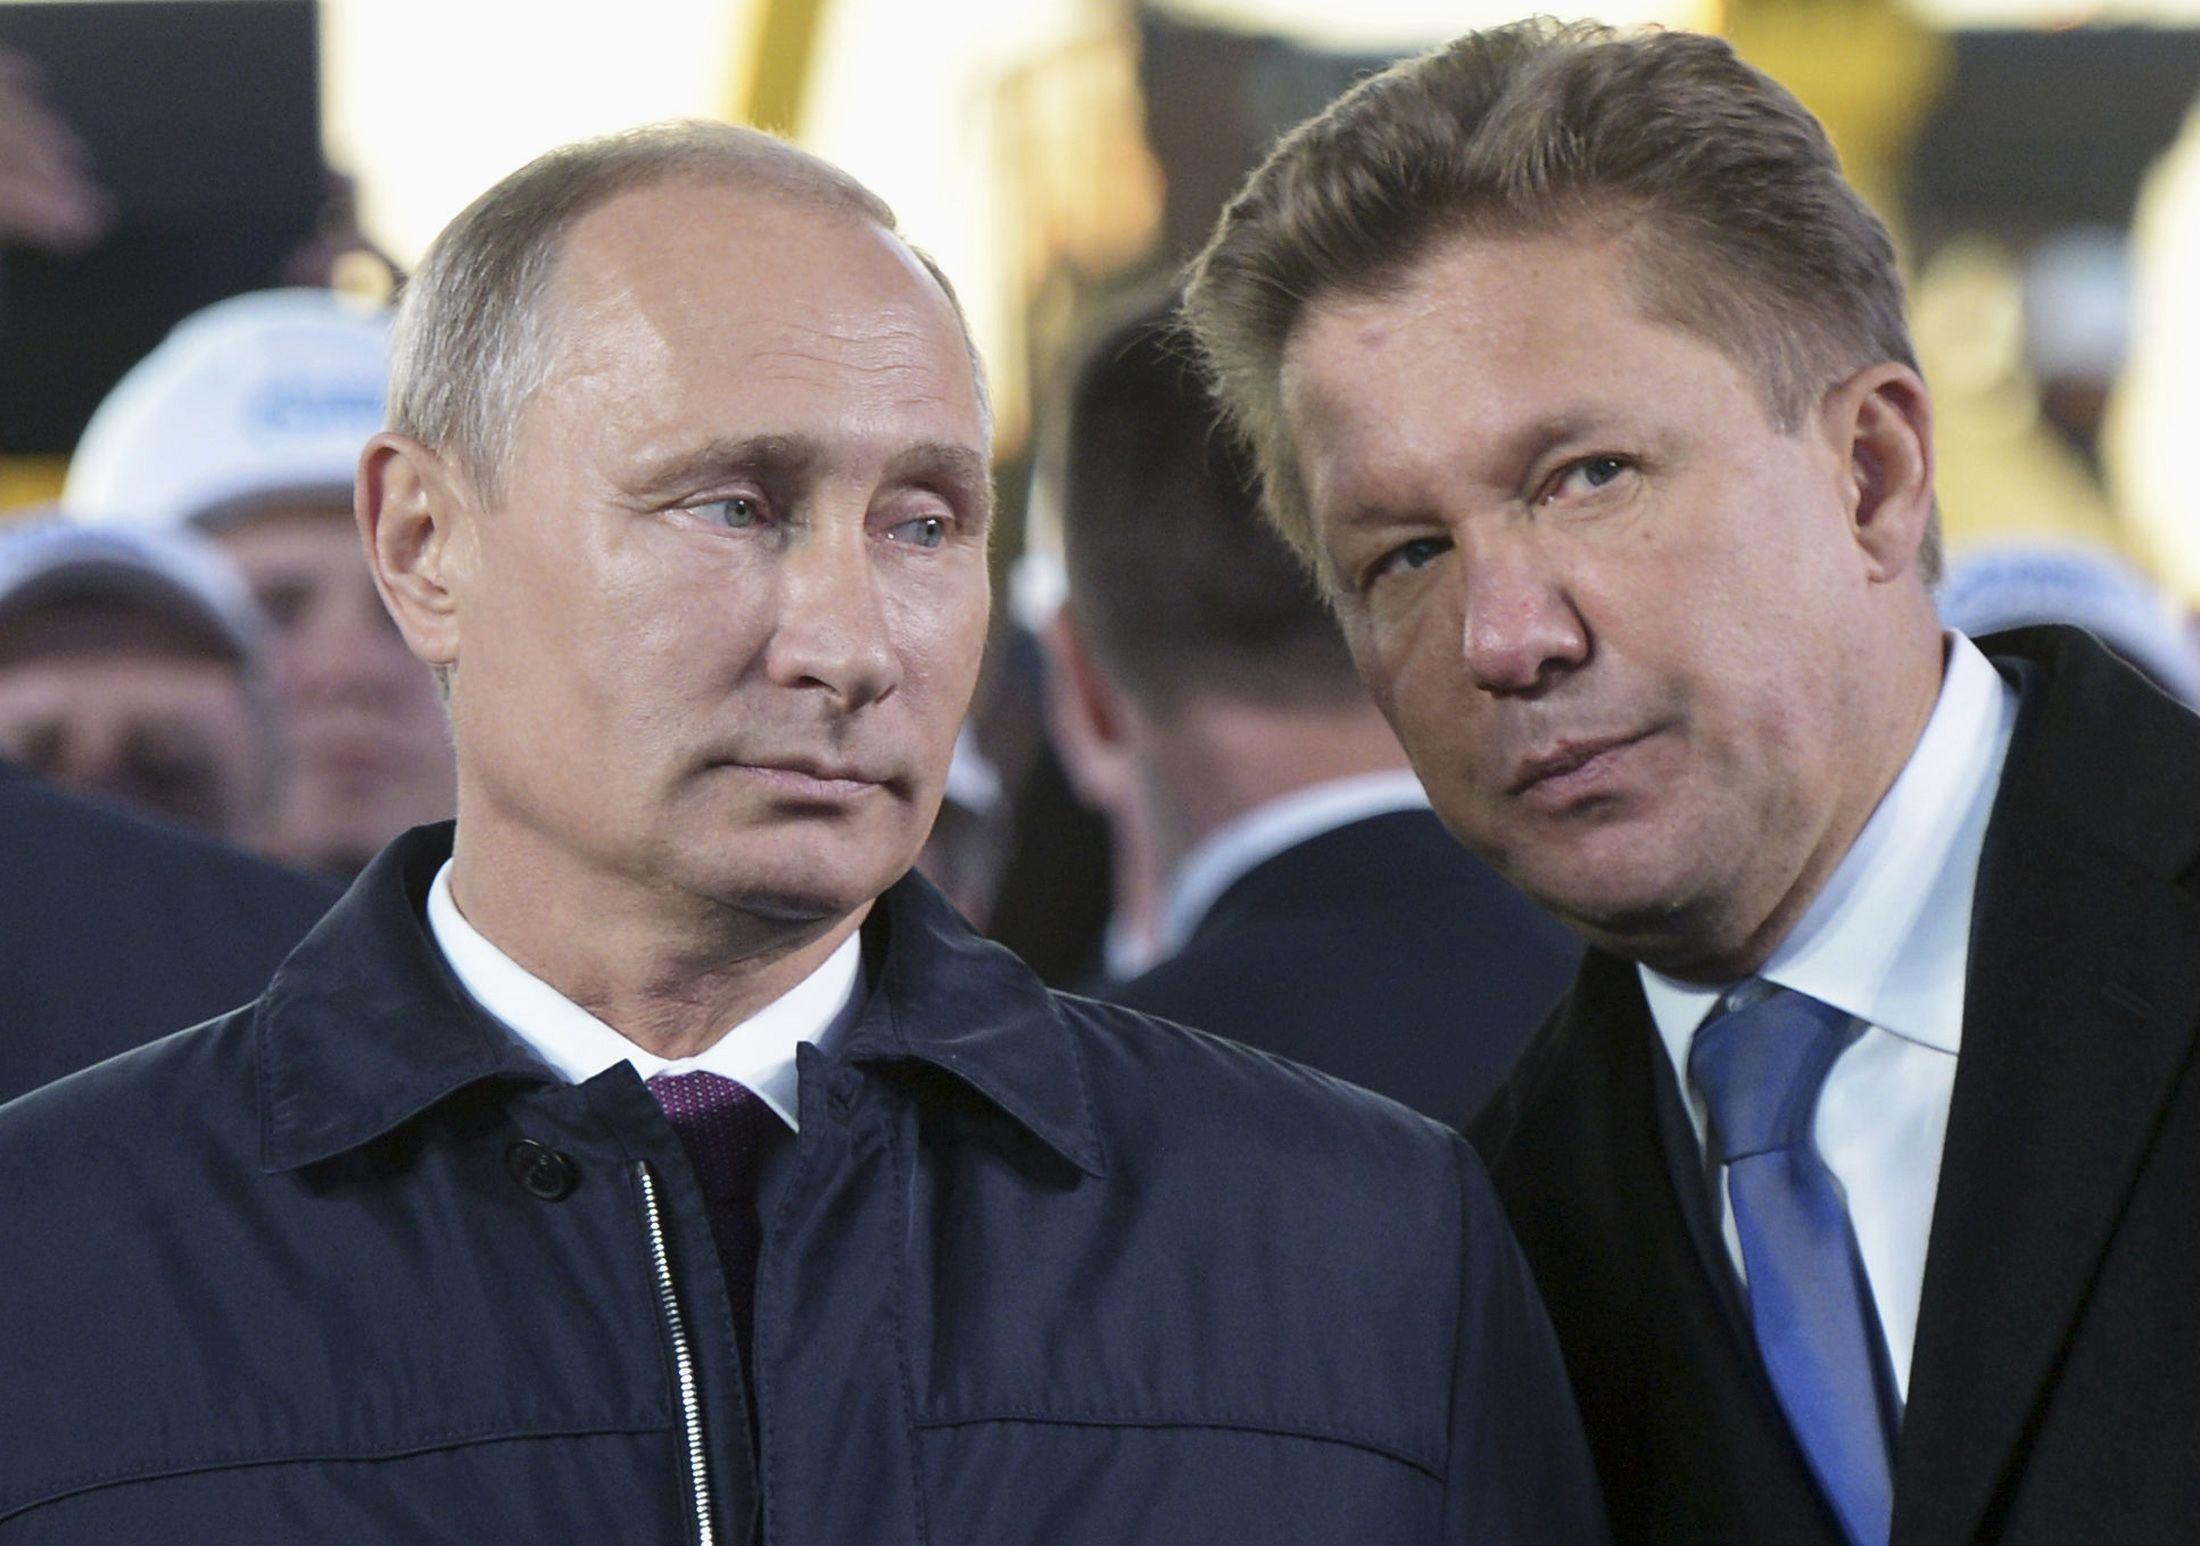 Putin and Miller